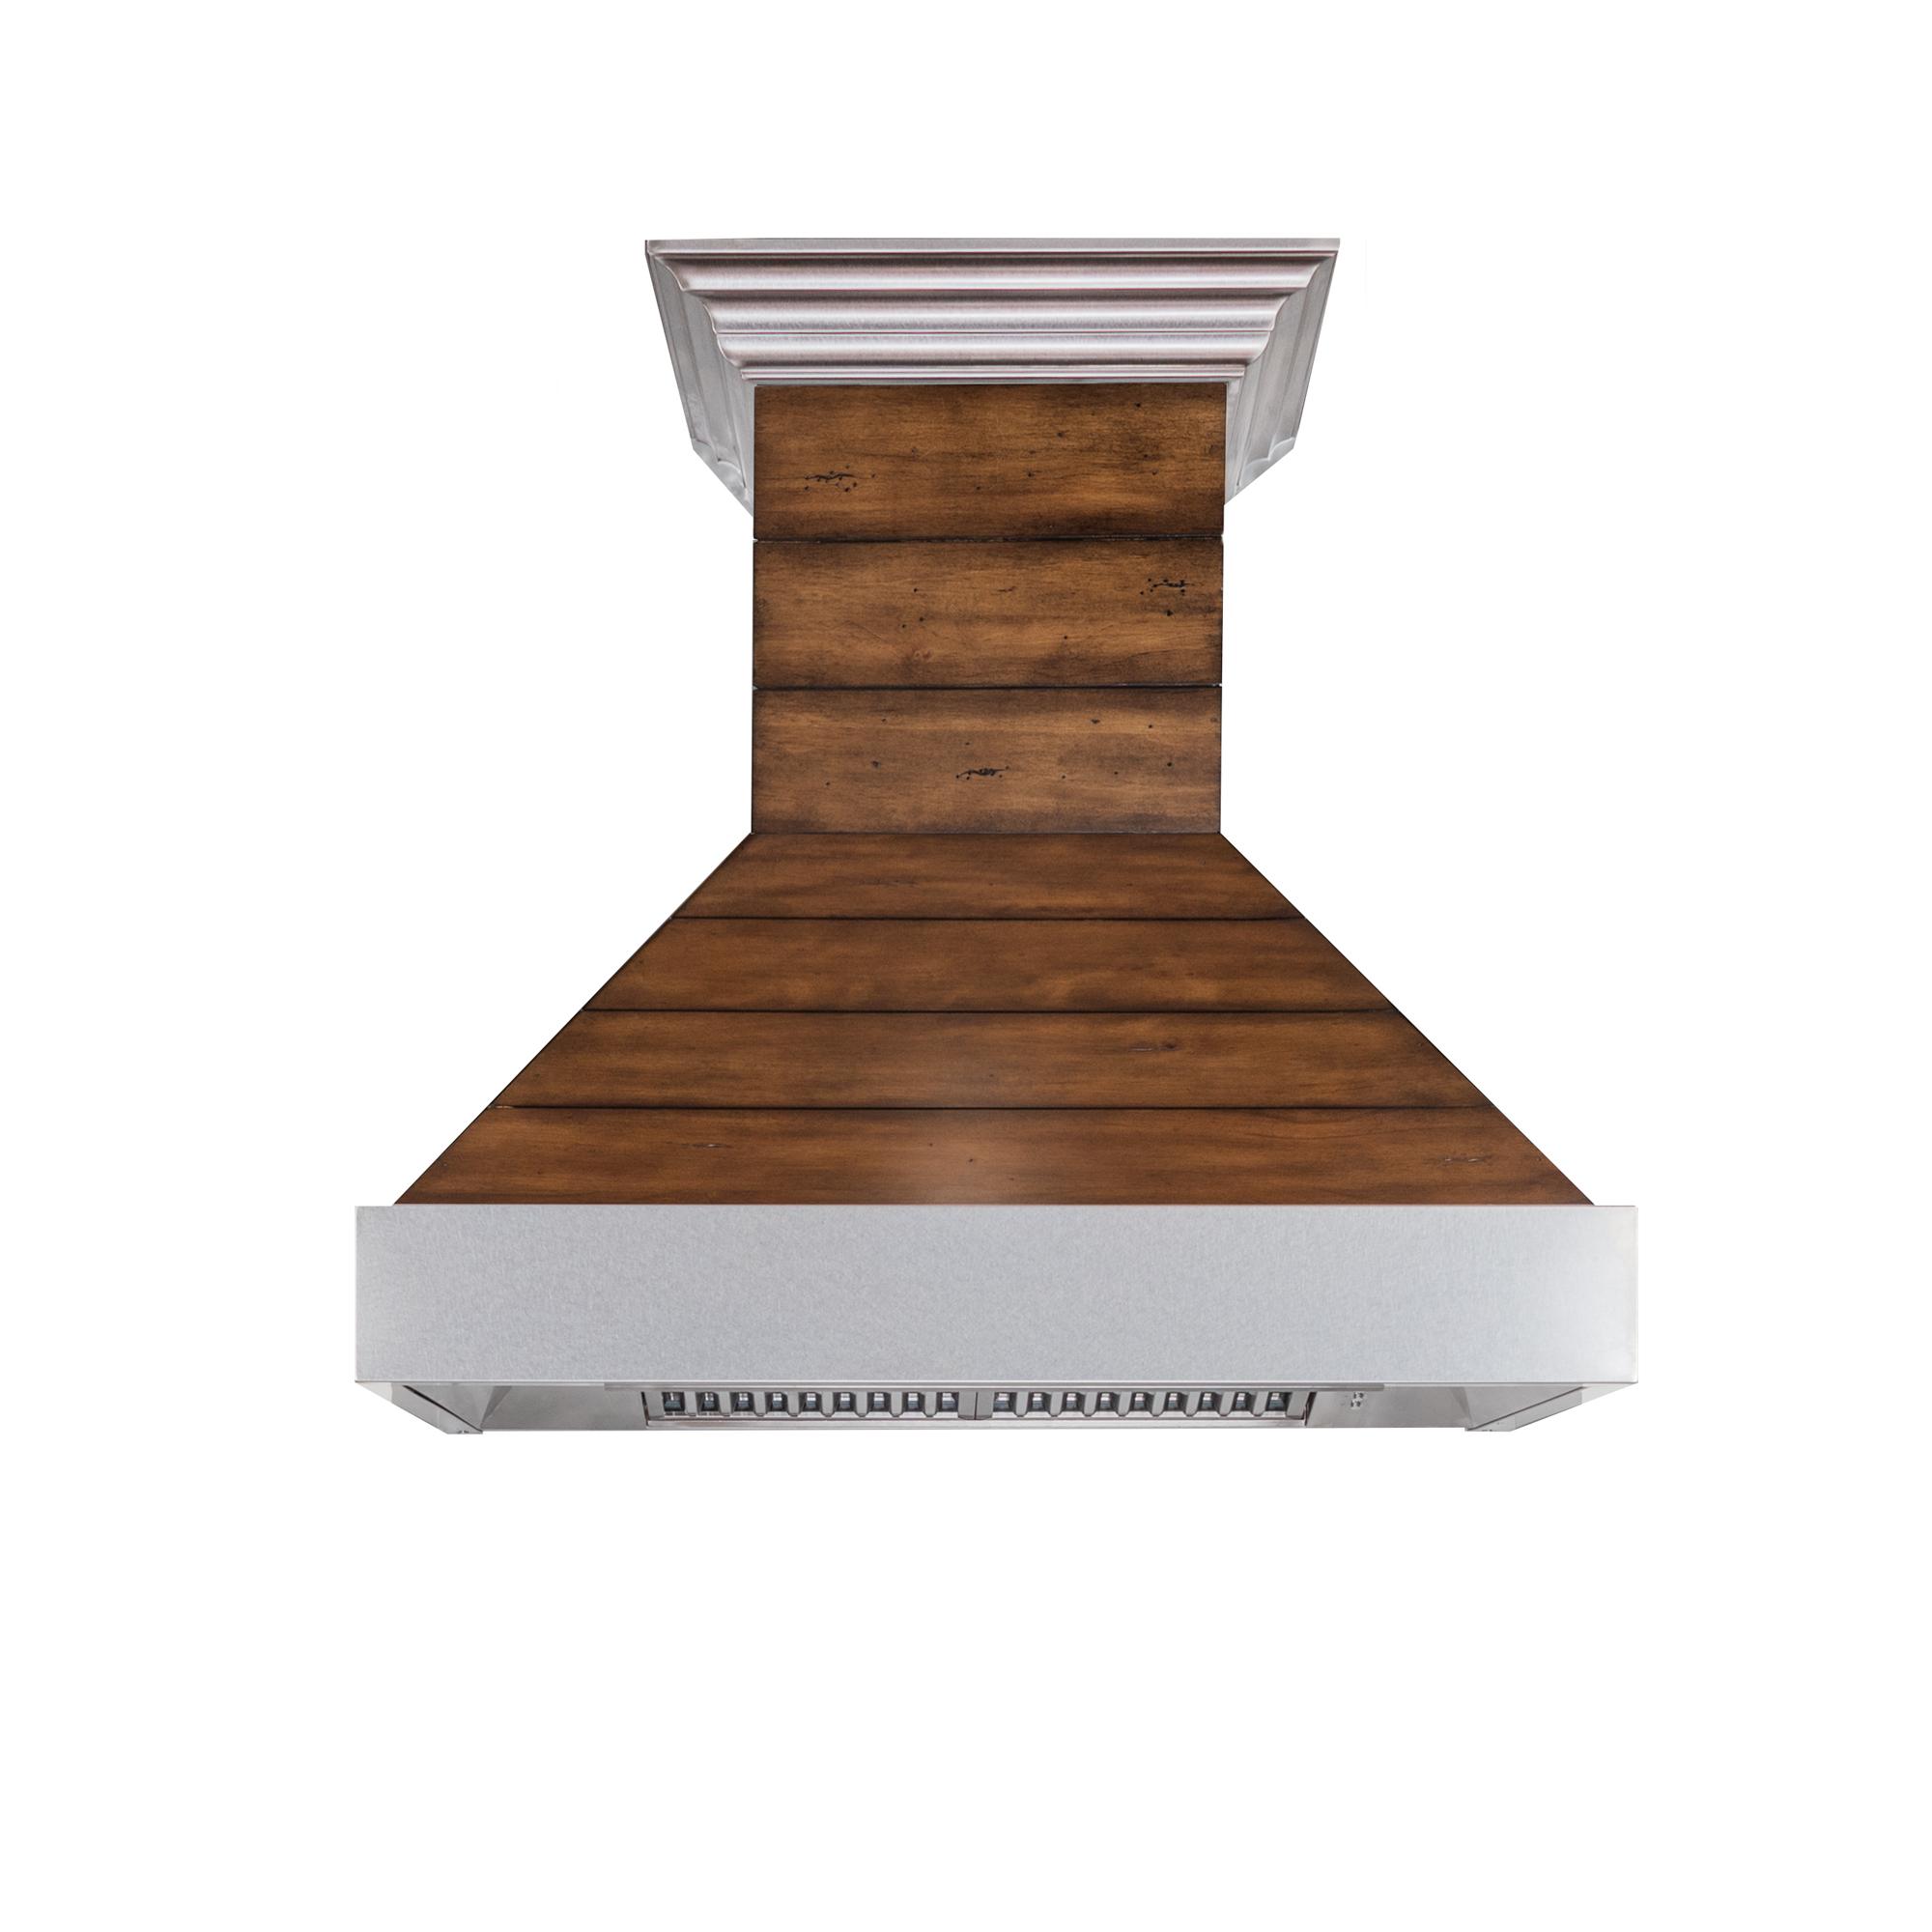 zline-designer-wood-range-hood-365BB-kitchen-front.jpg